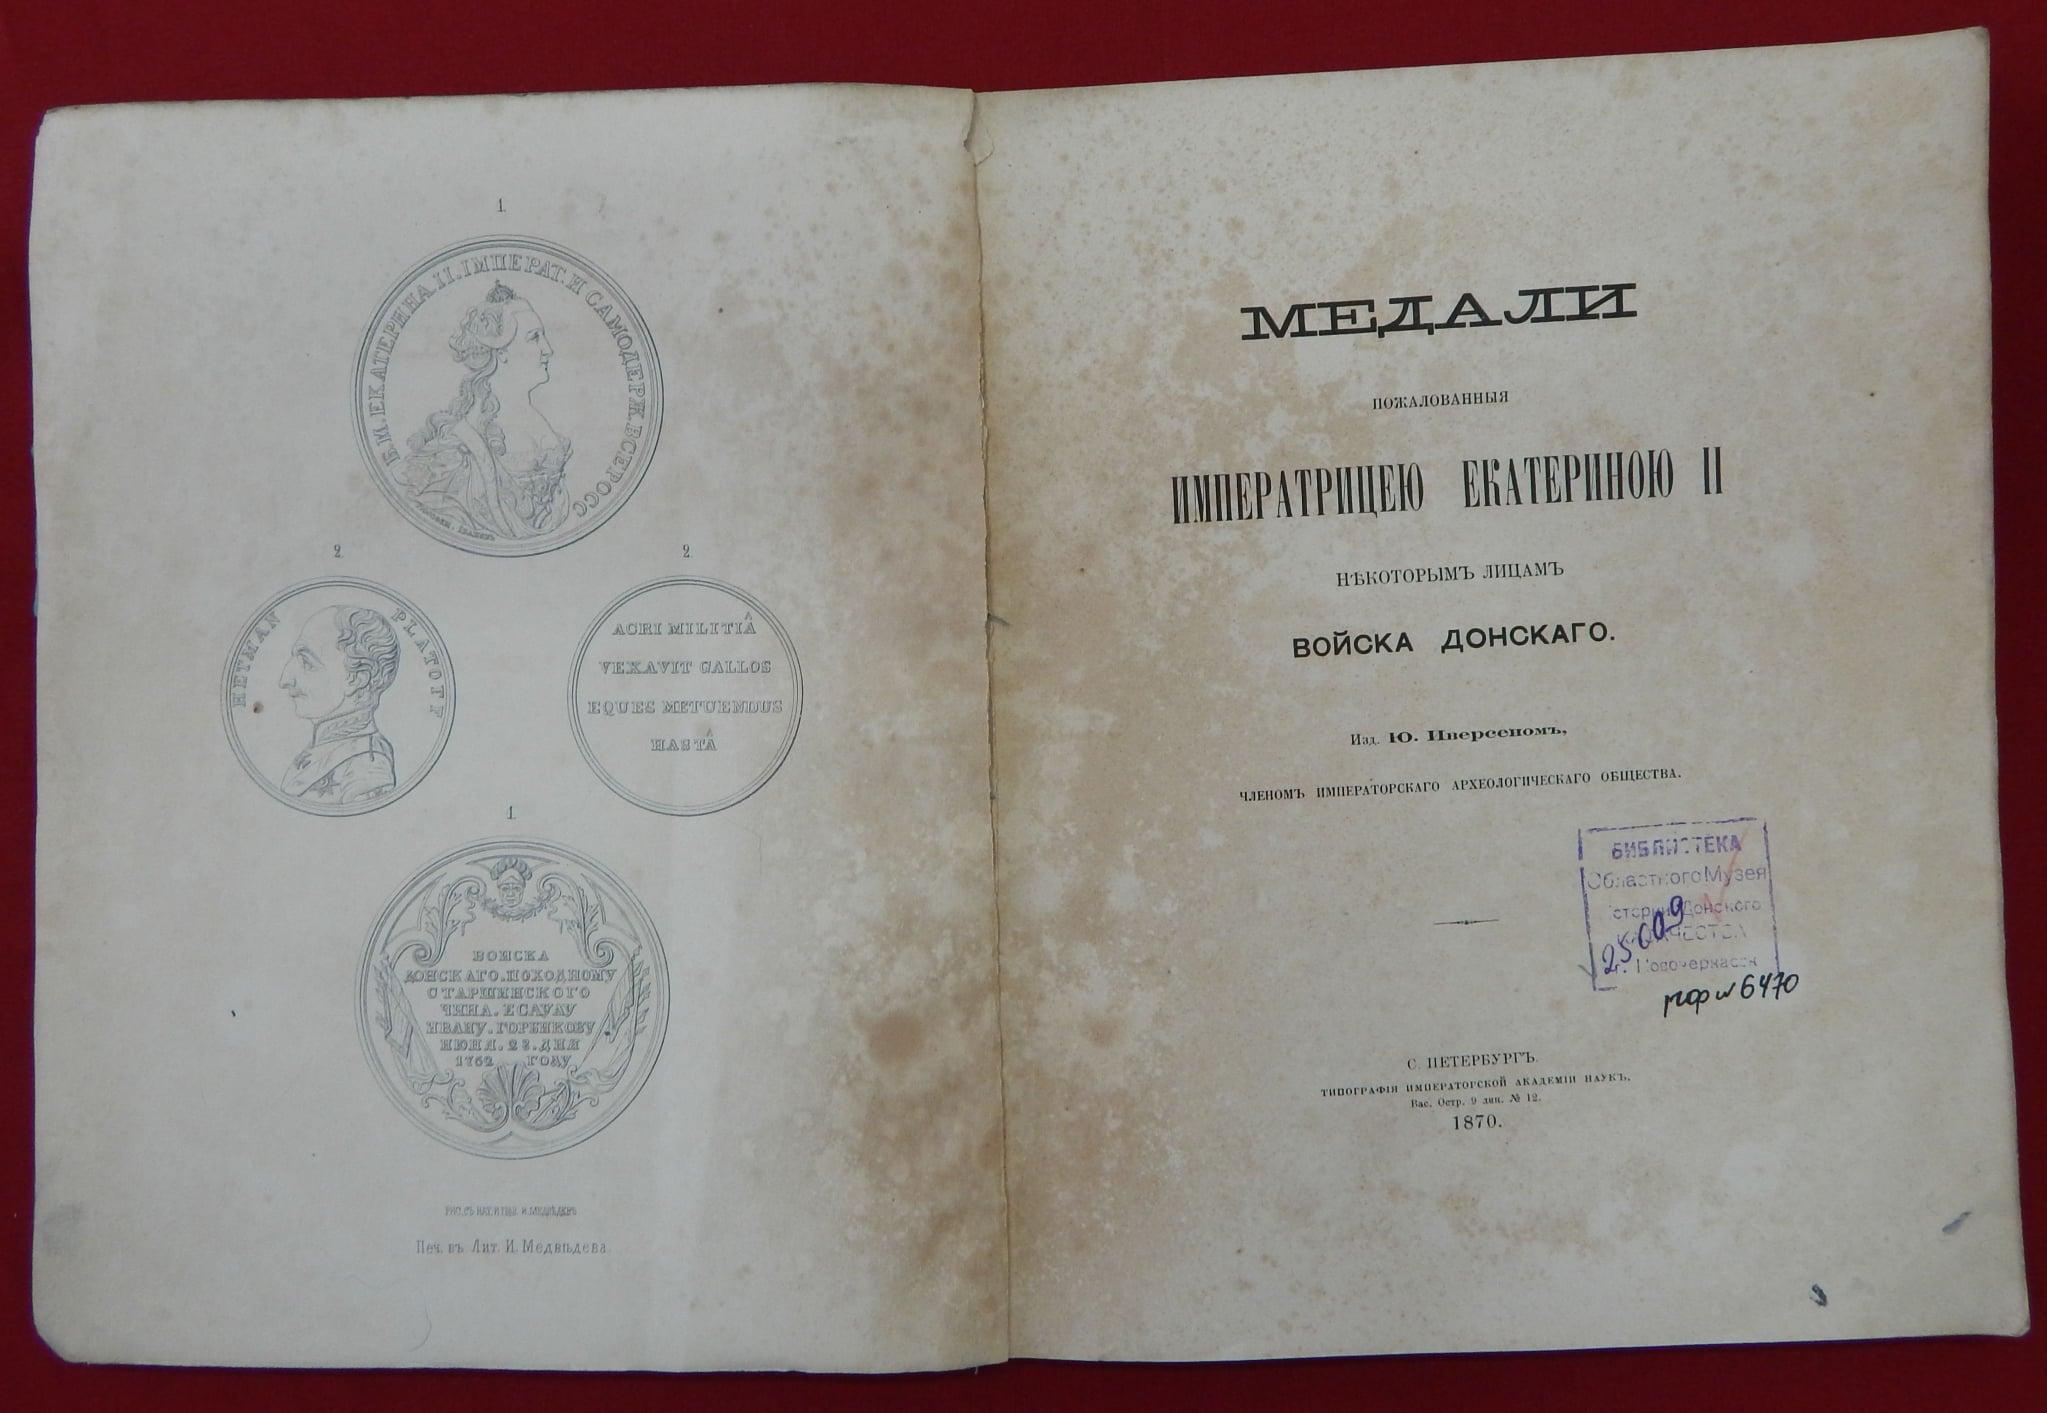 Каталог «Медали, пожалованные Императрицею Екатериною II некоторым лицам войска Донского»